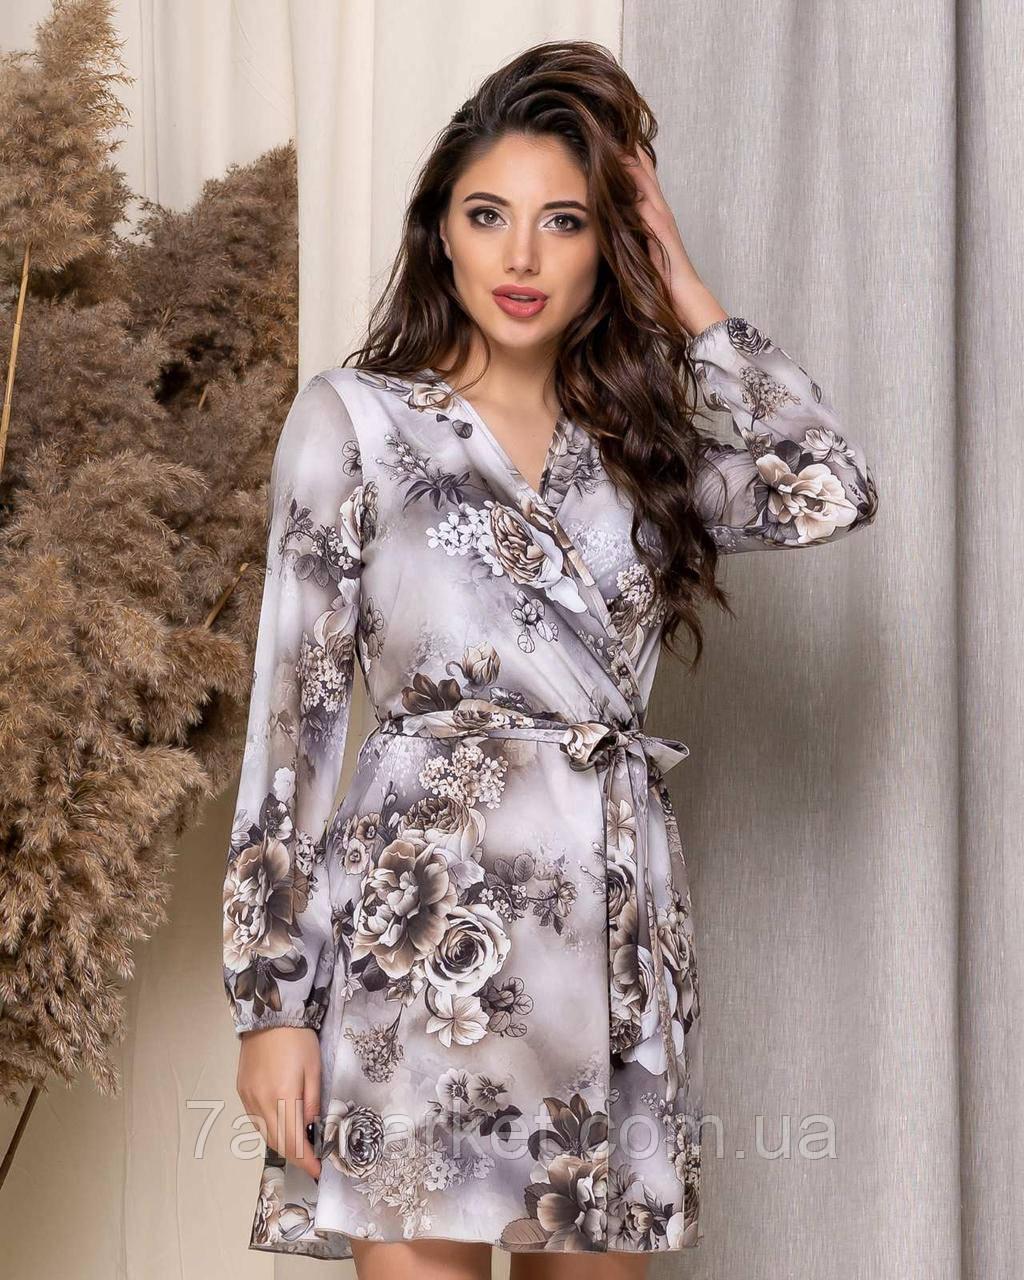 """Сукня жіноча на запах з квітковим принтом розміри 42-48 """"BONJOUR"""" купити недорого від прямого постачальника"""